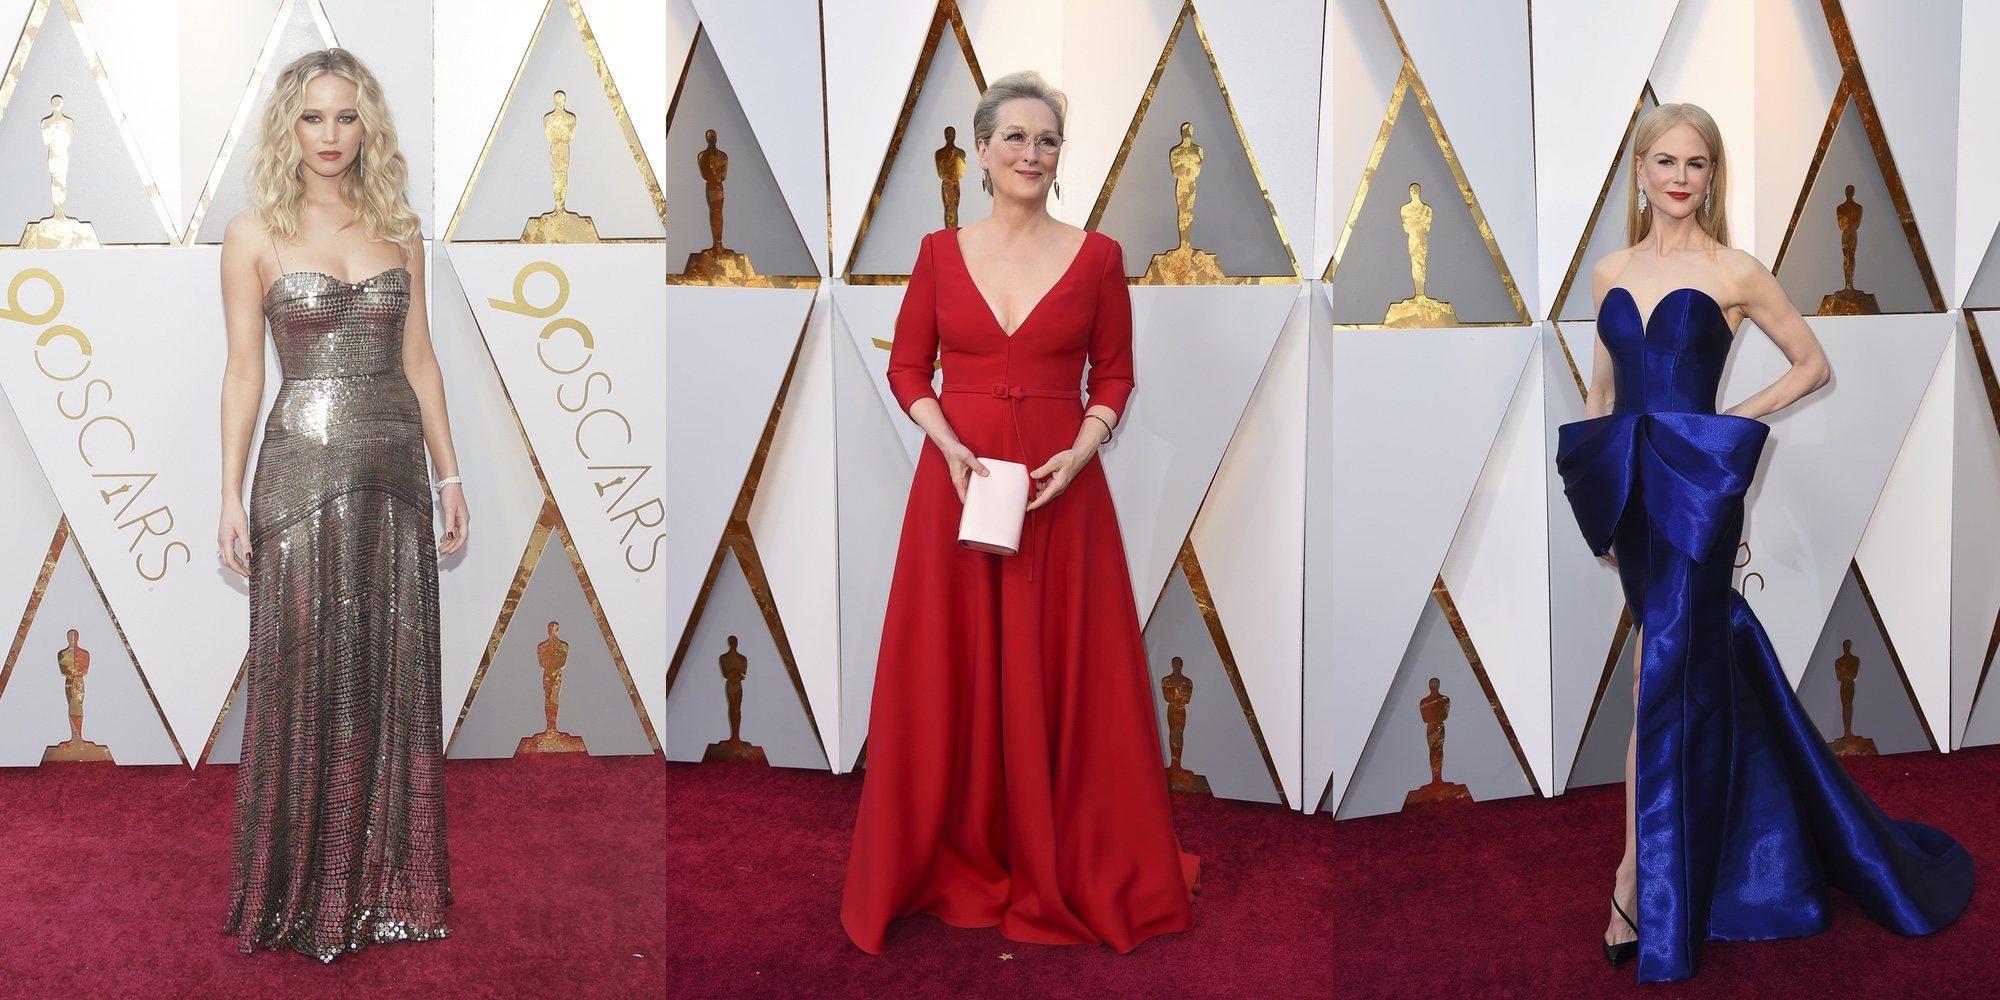 Nicole Kidman y Meryl Streep deslumbran en la alfombra roja Premios Oscar 2018